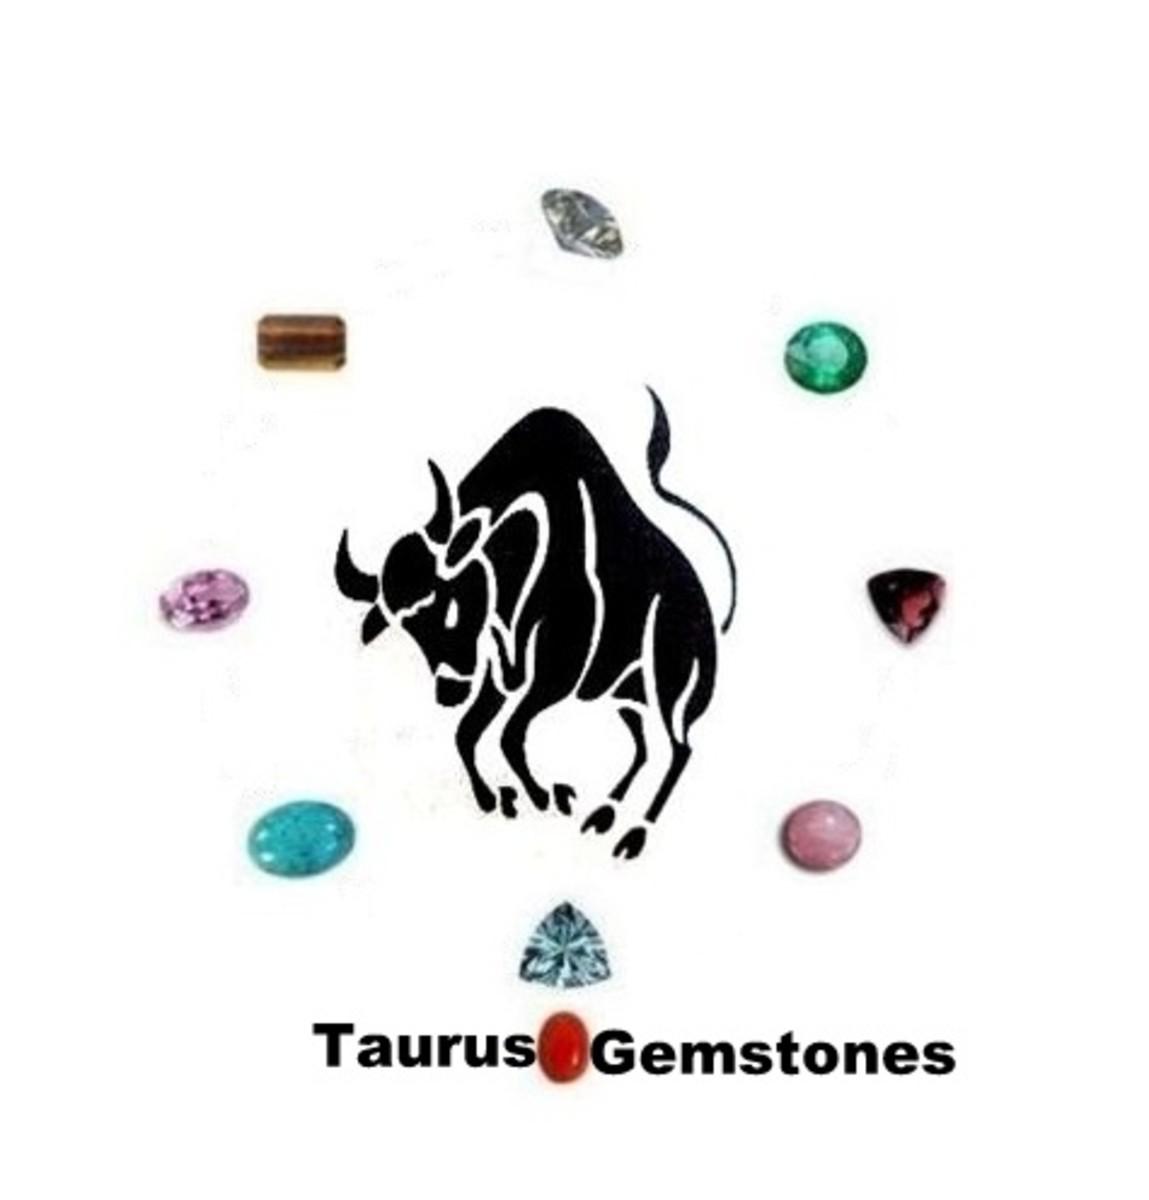 Taurus Gemstones : Diamond, Aquamarine, Kunzite, Garnet, Tiger Eye Quartz, Emerald, Rose Quartz, red coral and Turquoise.